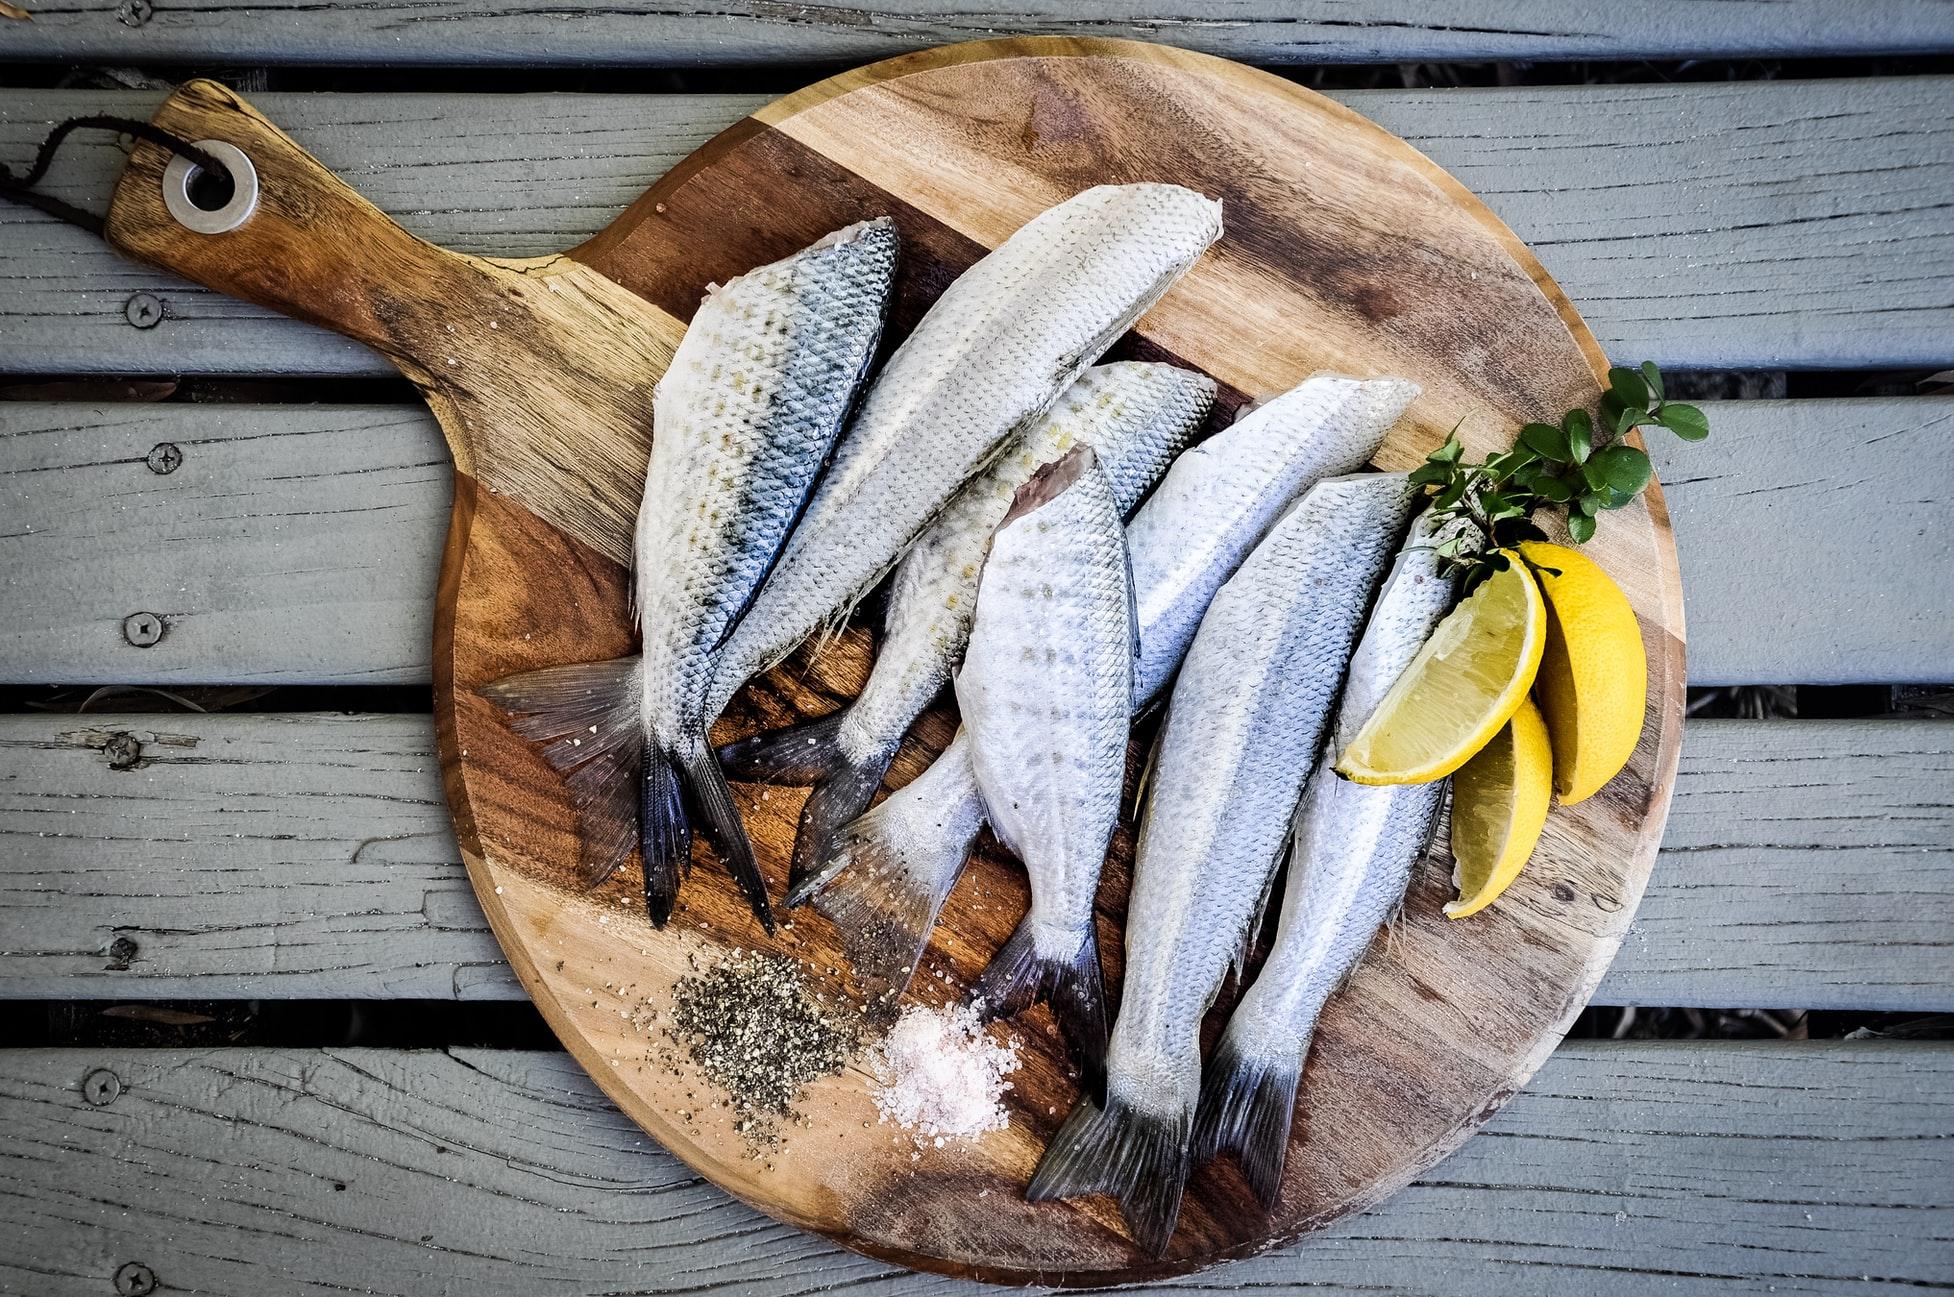 Receita de peixe: influência cultural na alimentação